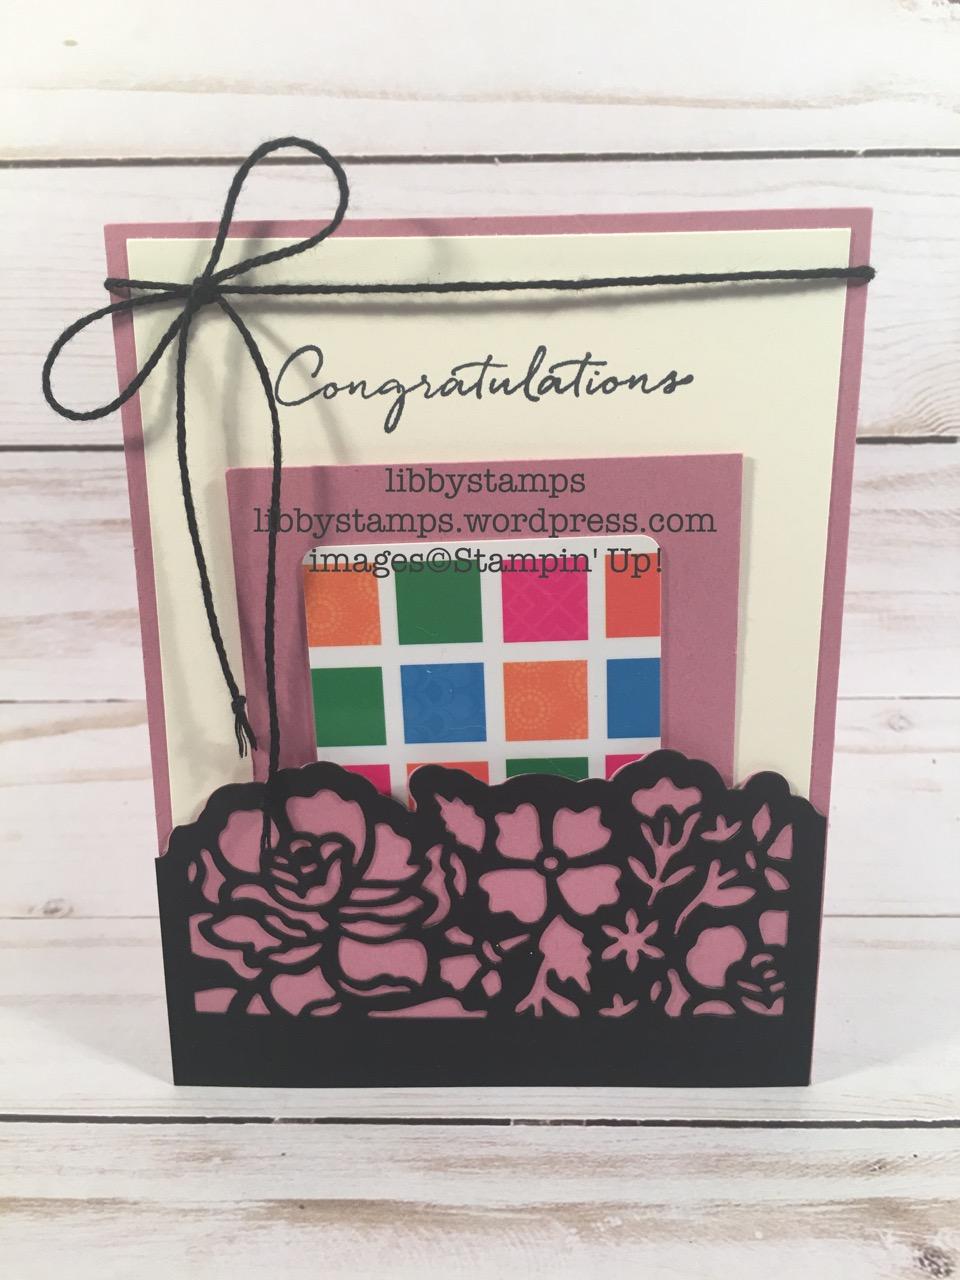 libbystamps, stampin up, Detailed Floral Thinlits, Floral Phrases, Floral Phrases Bundle, wedding, gift card holder, pocket card